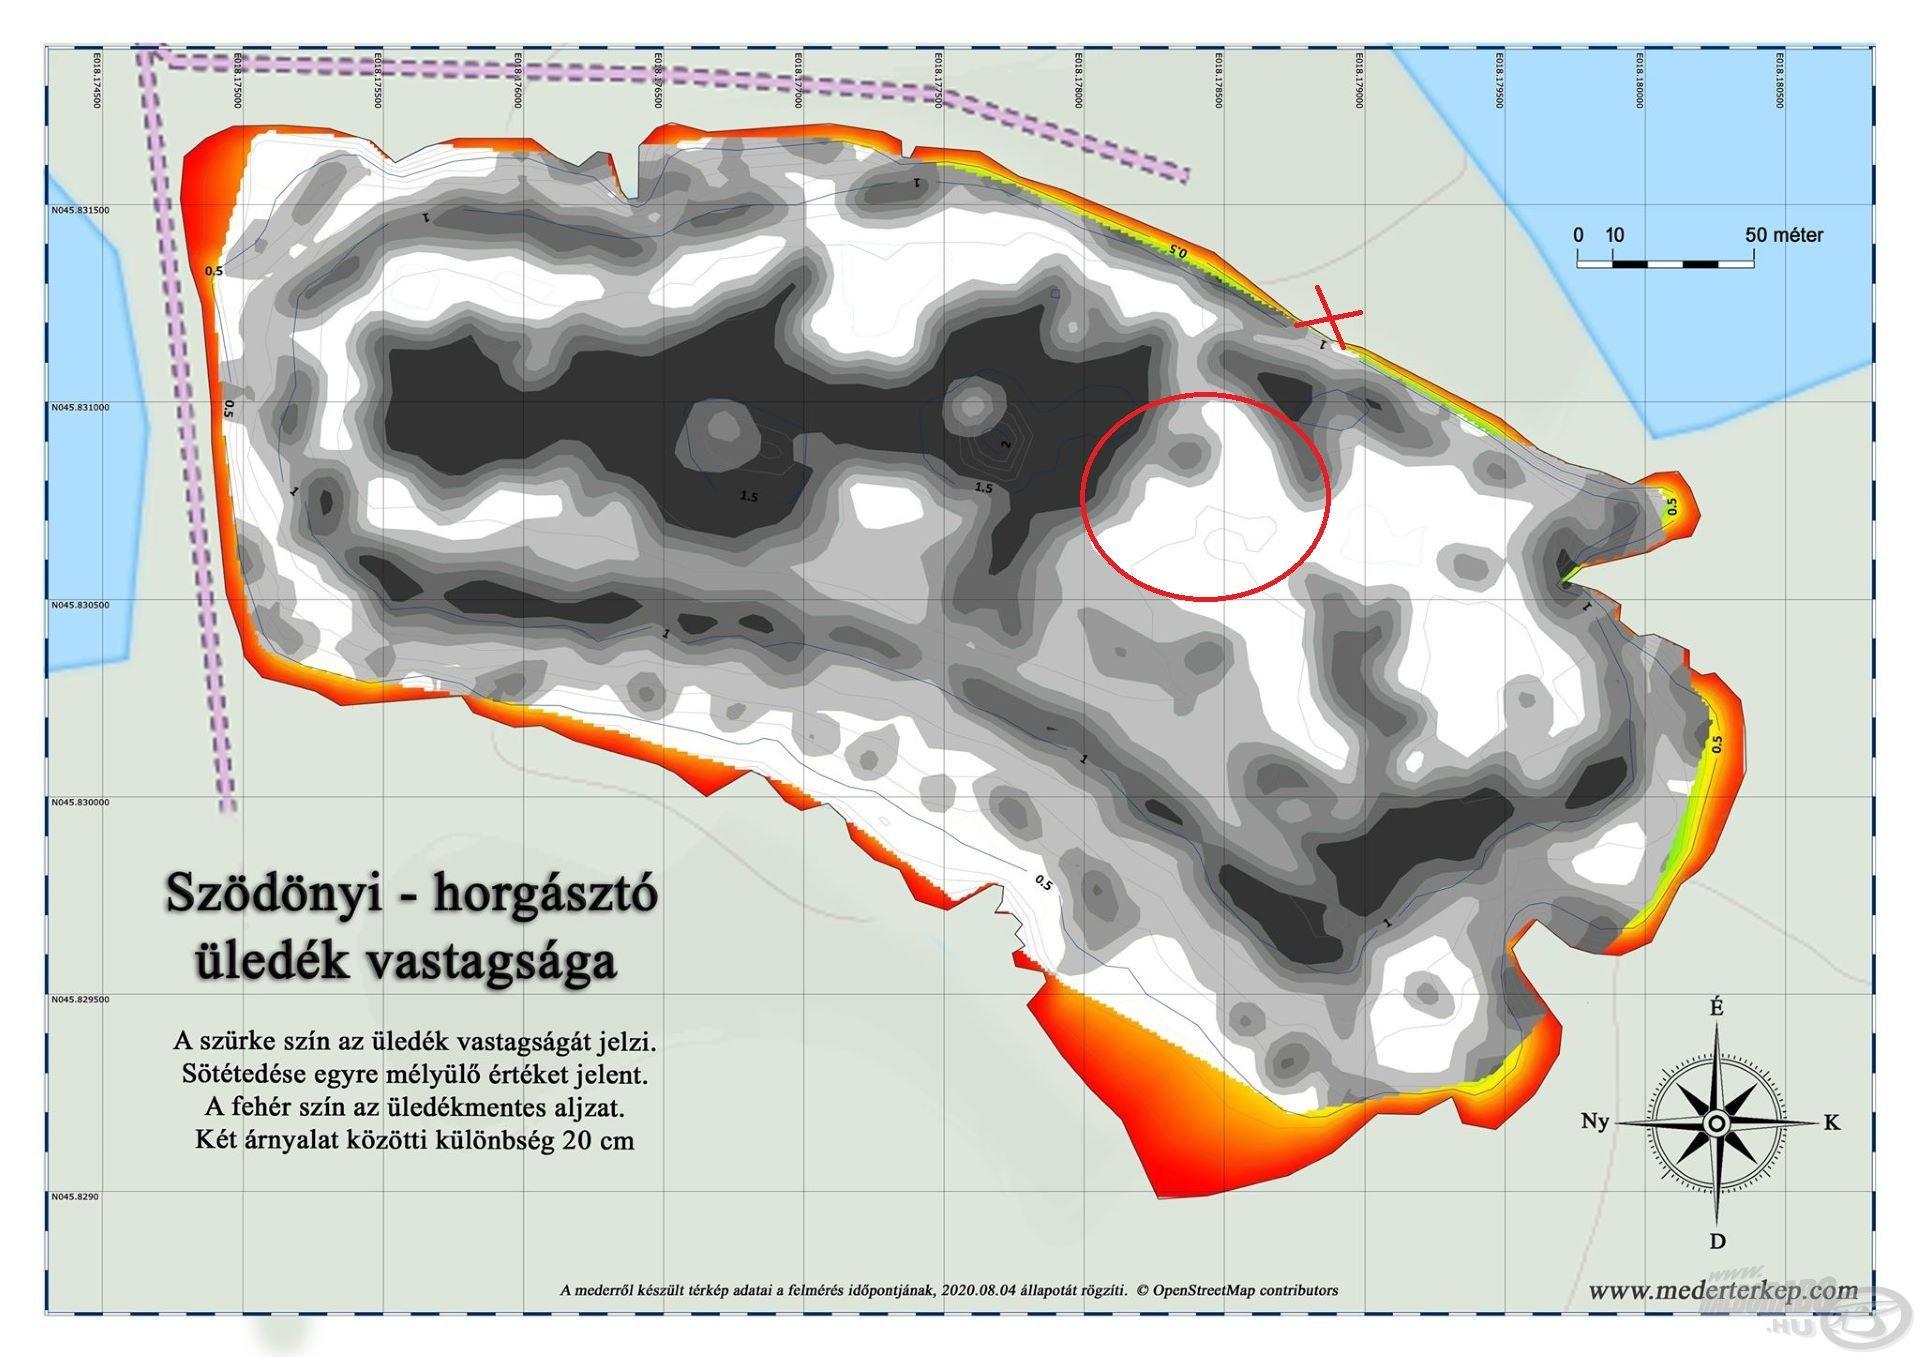 A tó üledékvastagságáról készített mederfenék-térkép is jól mutatja, hogy a lehető legjobb helyre ültem le